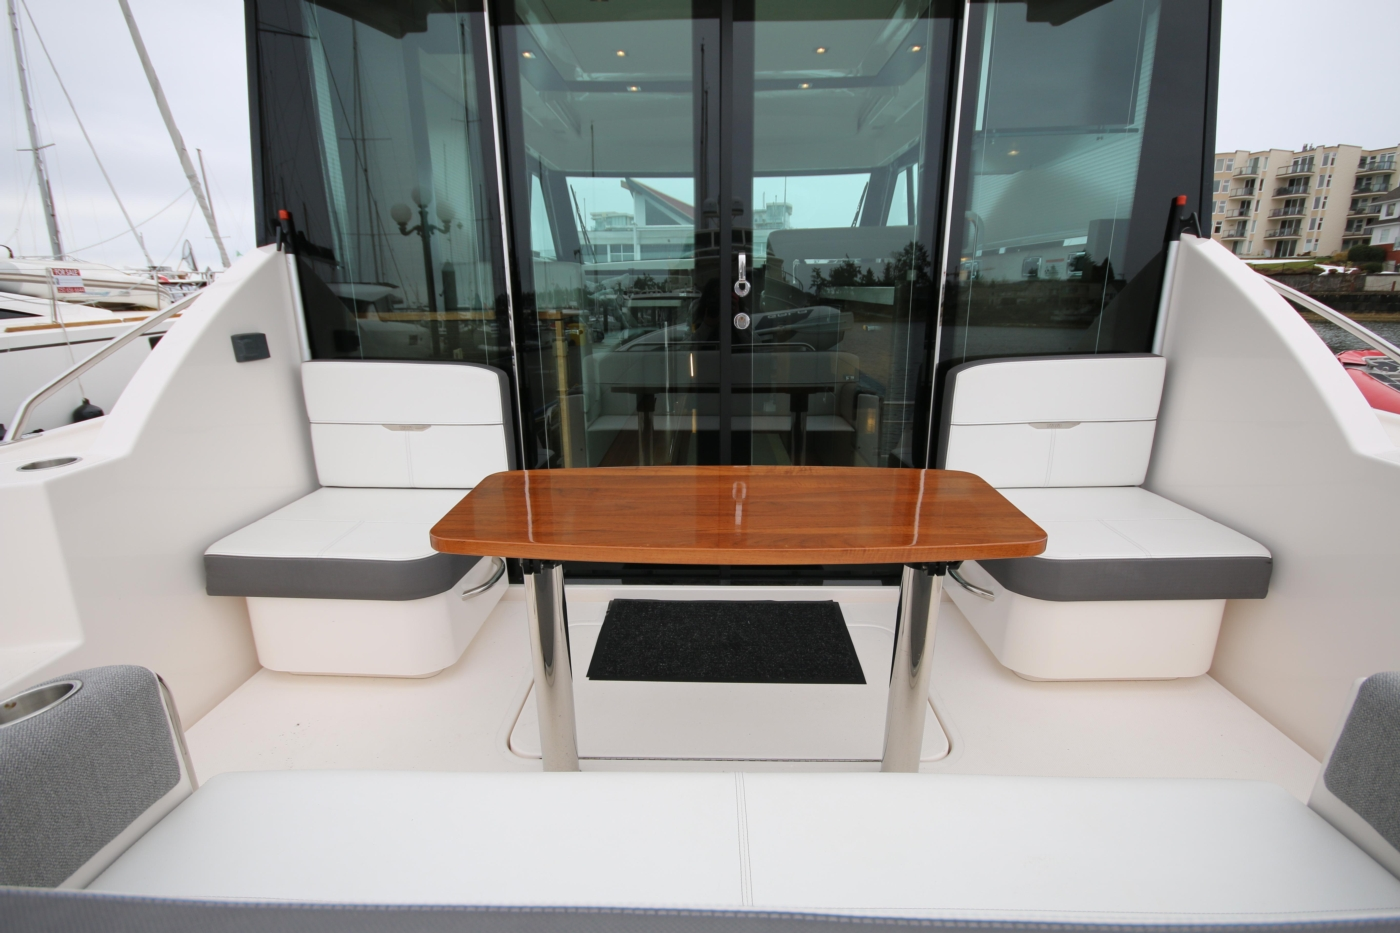 2018 Tiara Yachts 39 Coupe, Sliding glass doors